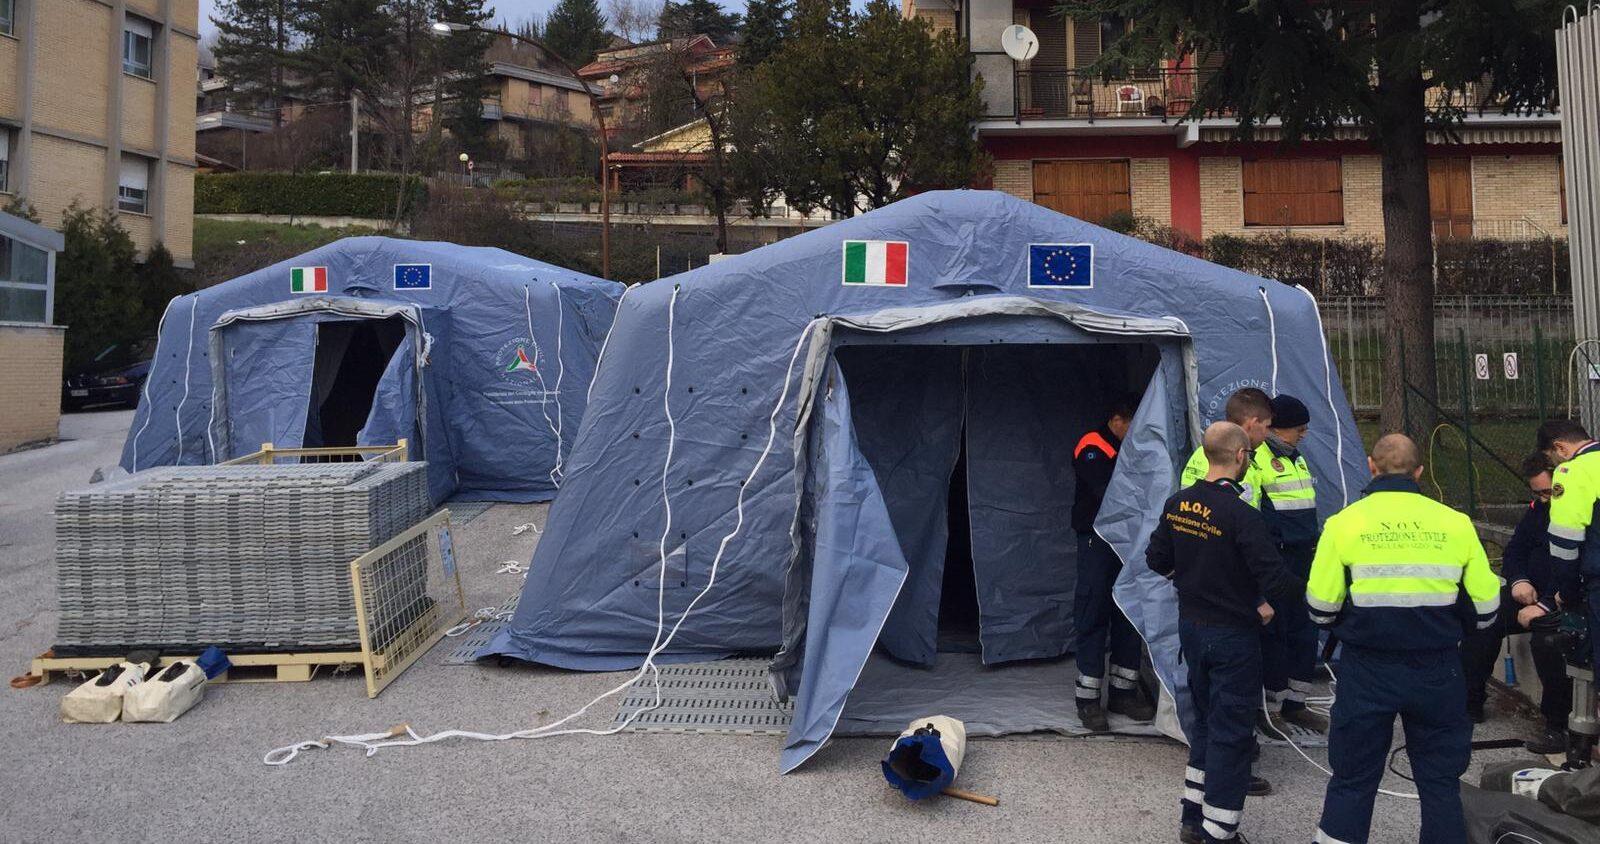 Allestite due tende per la gestione dell'emergenza coronavirus, all'ospedale di Tagliacozzo